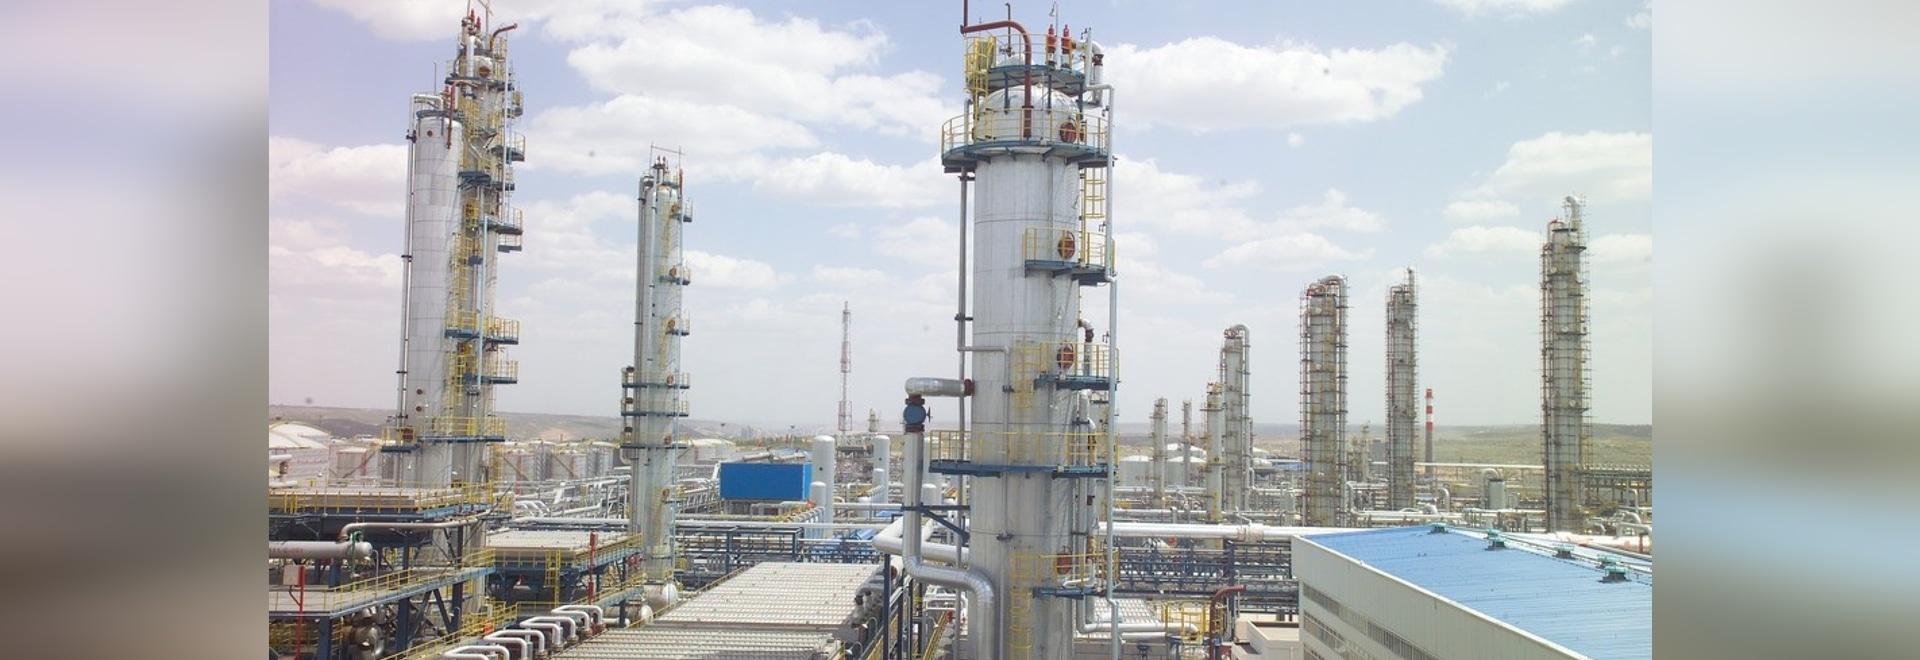 Projet de caprolactame dans le domaine du processus chimique